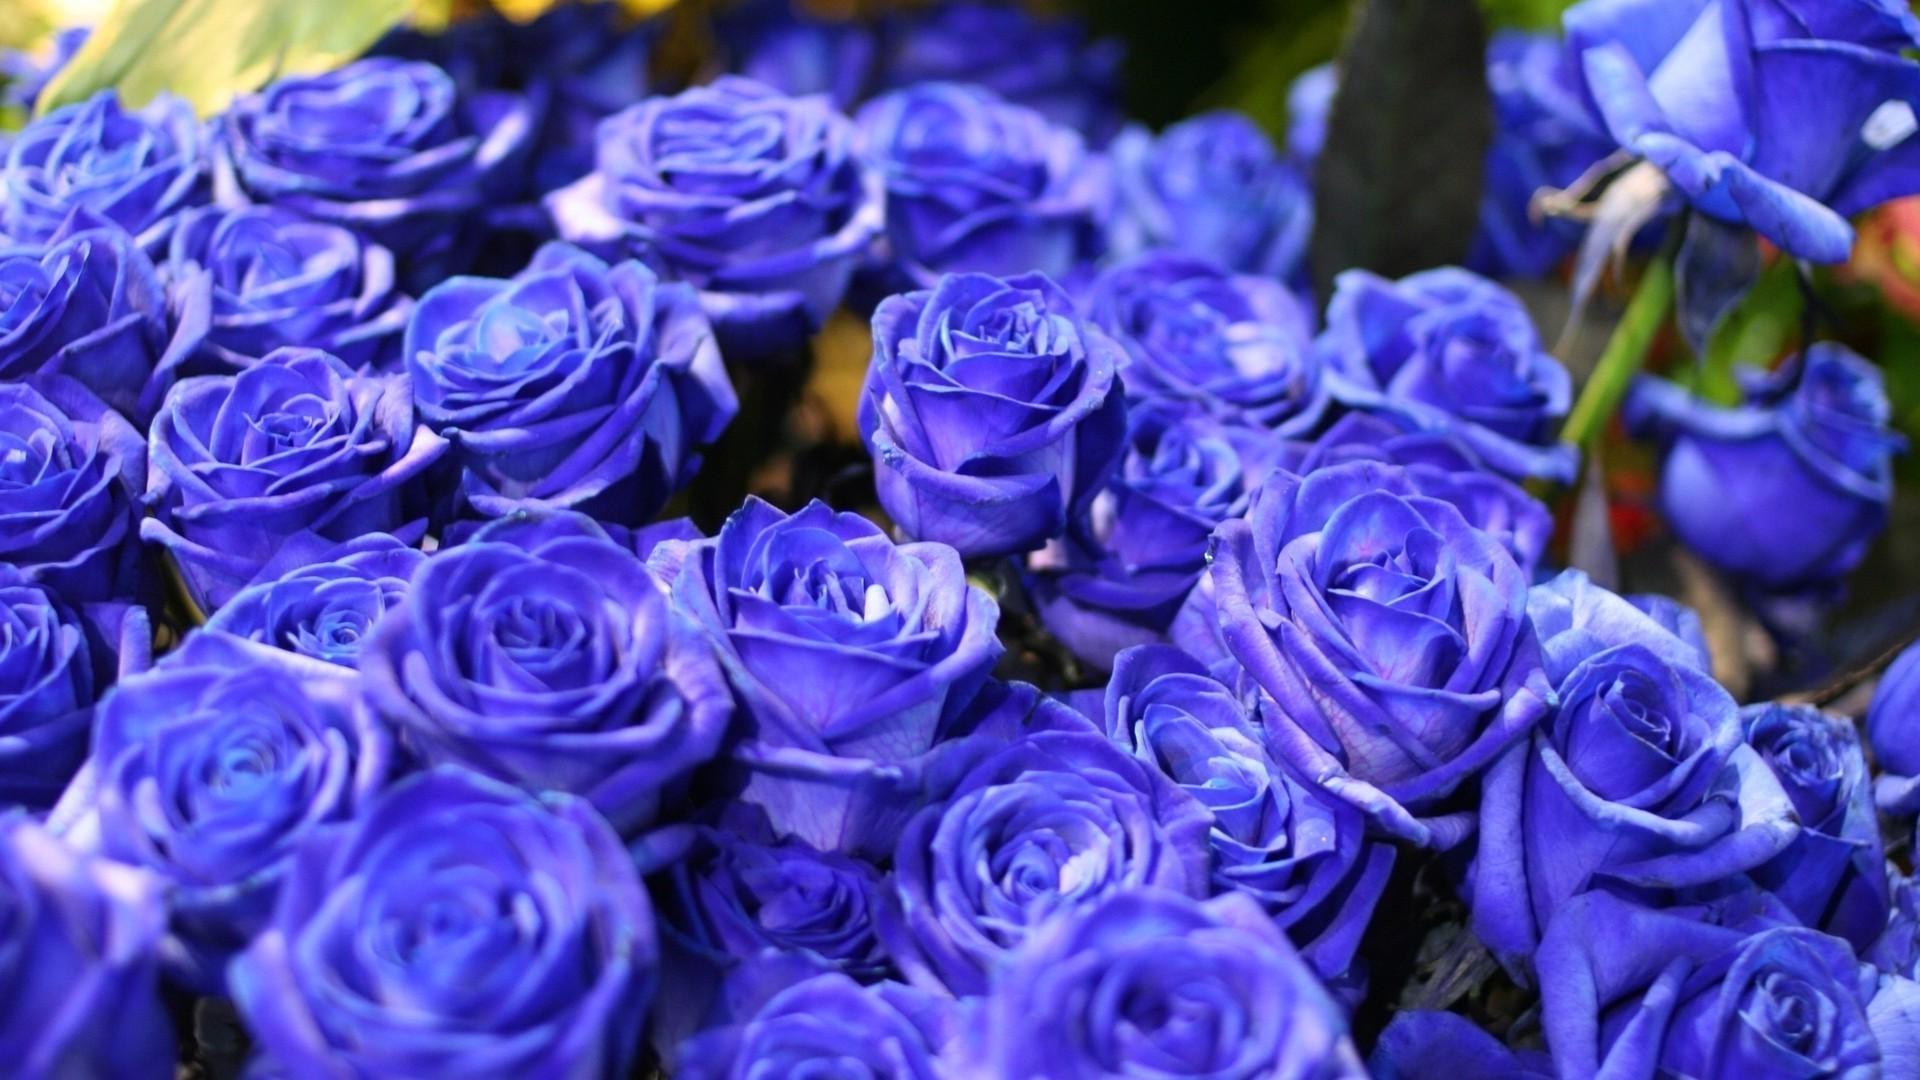 Картинки синие розы скачать бесплатно - db0